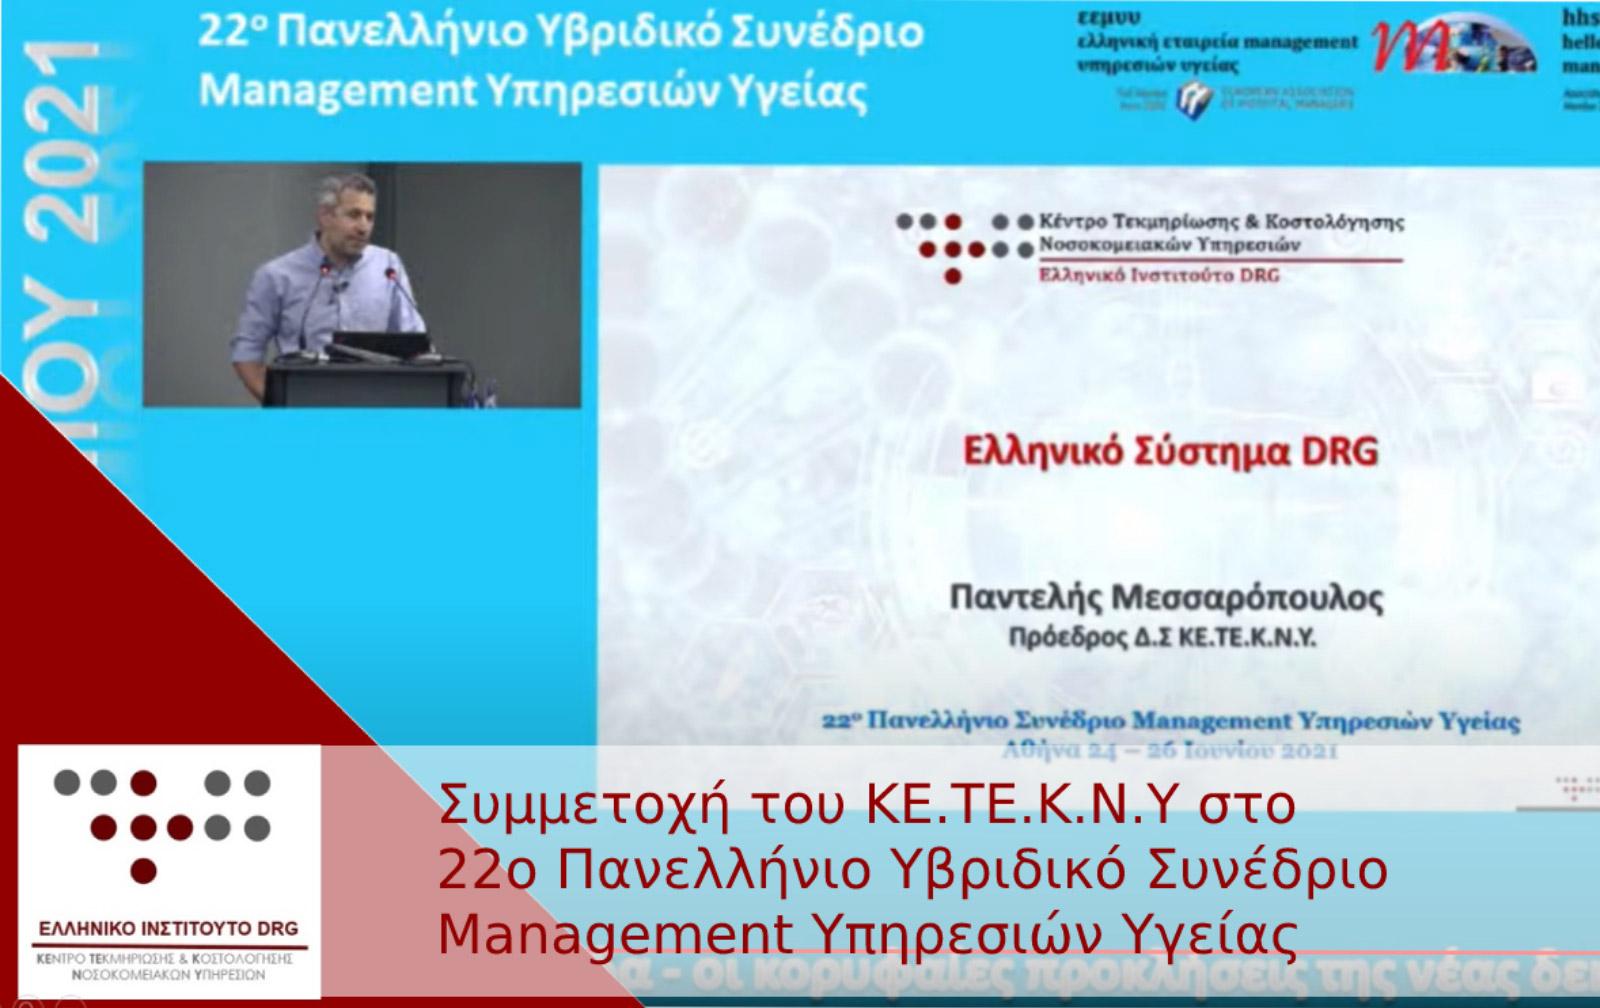 Συμμετοχή του ΚΕ.ΤΕ.Κ.Ν.Υ. στο 22ο Πανελλήνιο Υβριδικό Συνέδριο Management Υπηρεσιών Υγείας